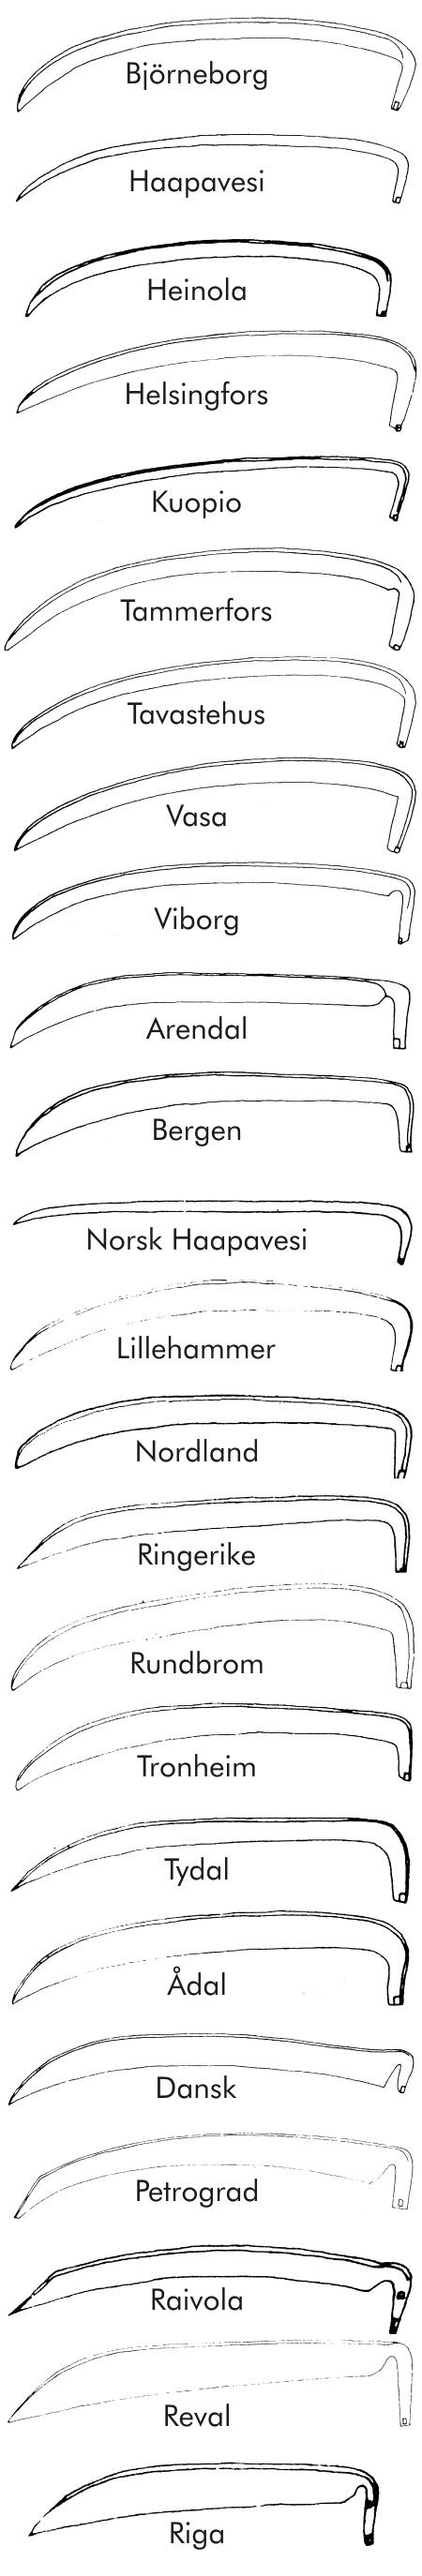 Ett urval belagda lietyper tillverkade i Sverige för export. Bilder är inte skalenliga och liarna tillverkades ofta i olika storlekar. Efter Jan Peder Lamm i Fataburen 1977.